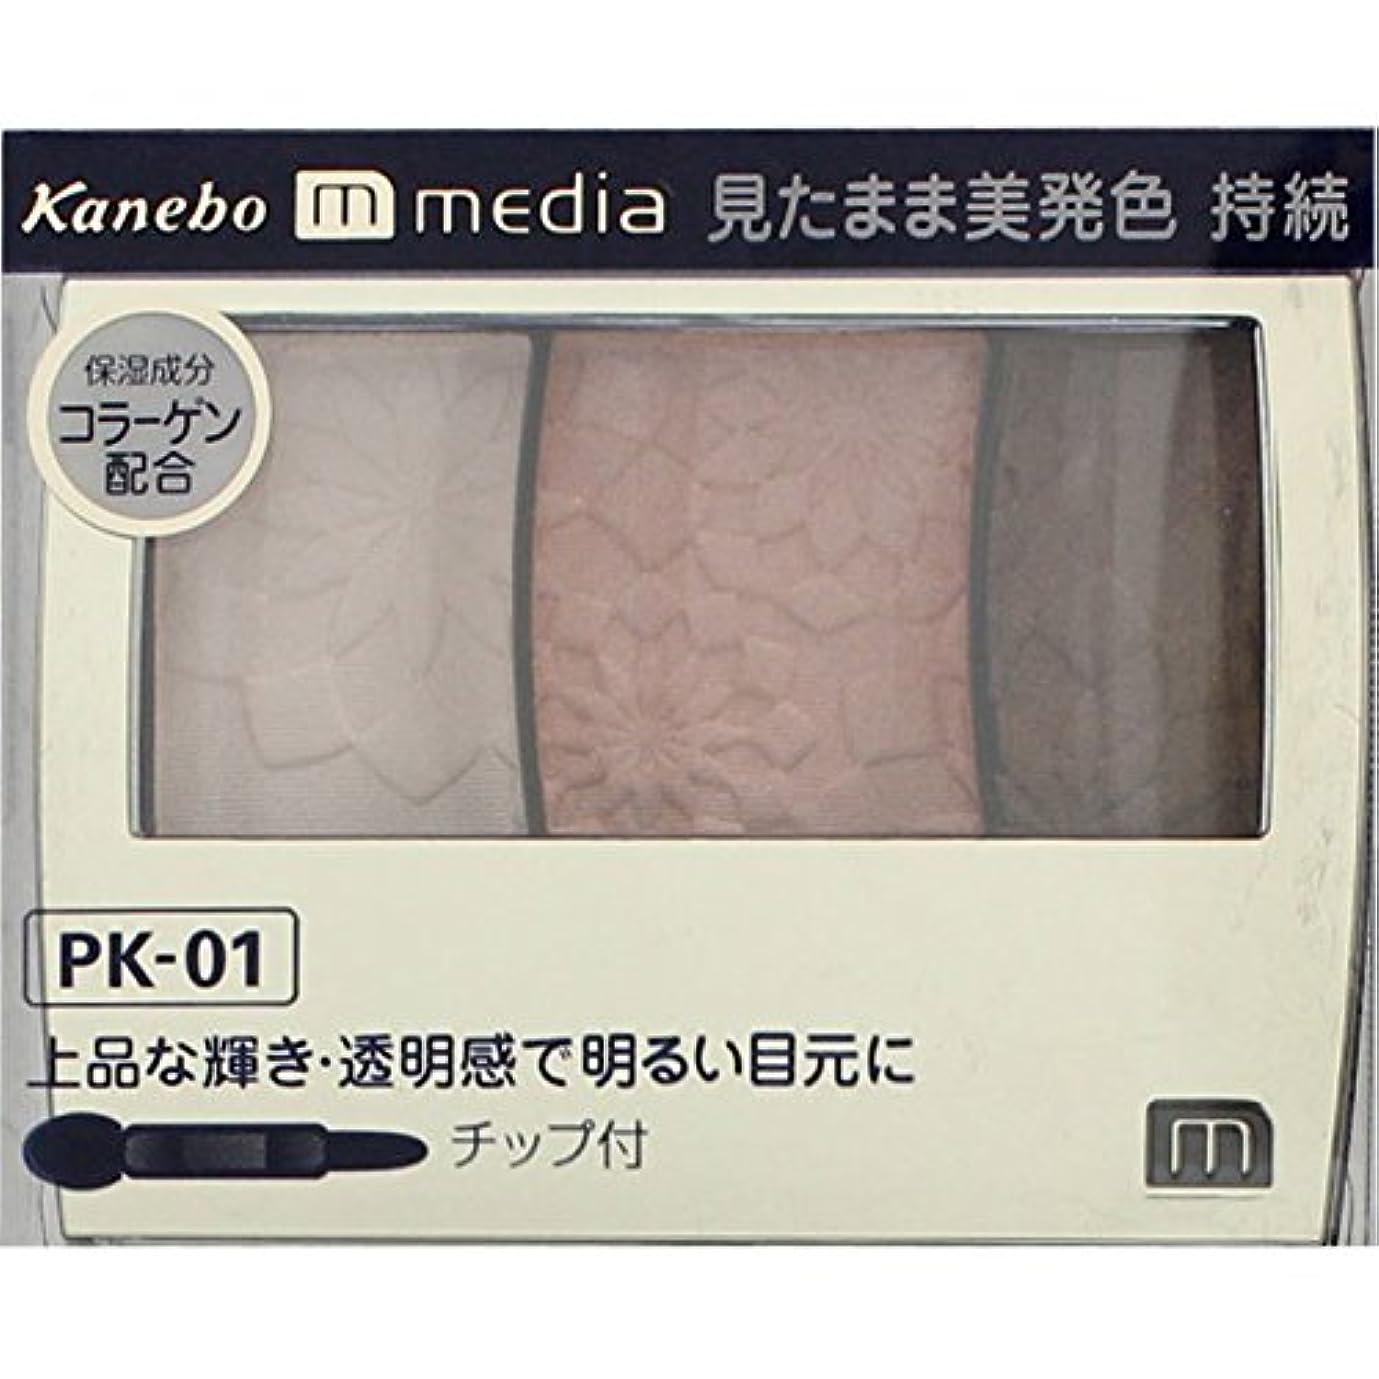 【カネボウ】 メディア グラデカラーアイシャドウ PK-01